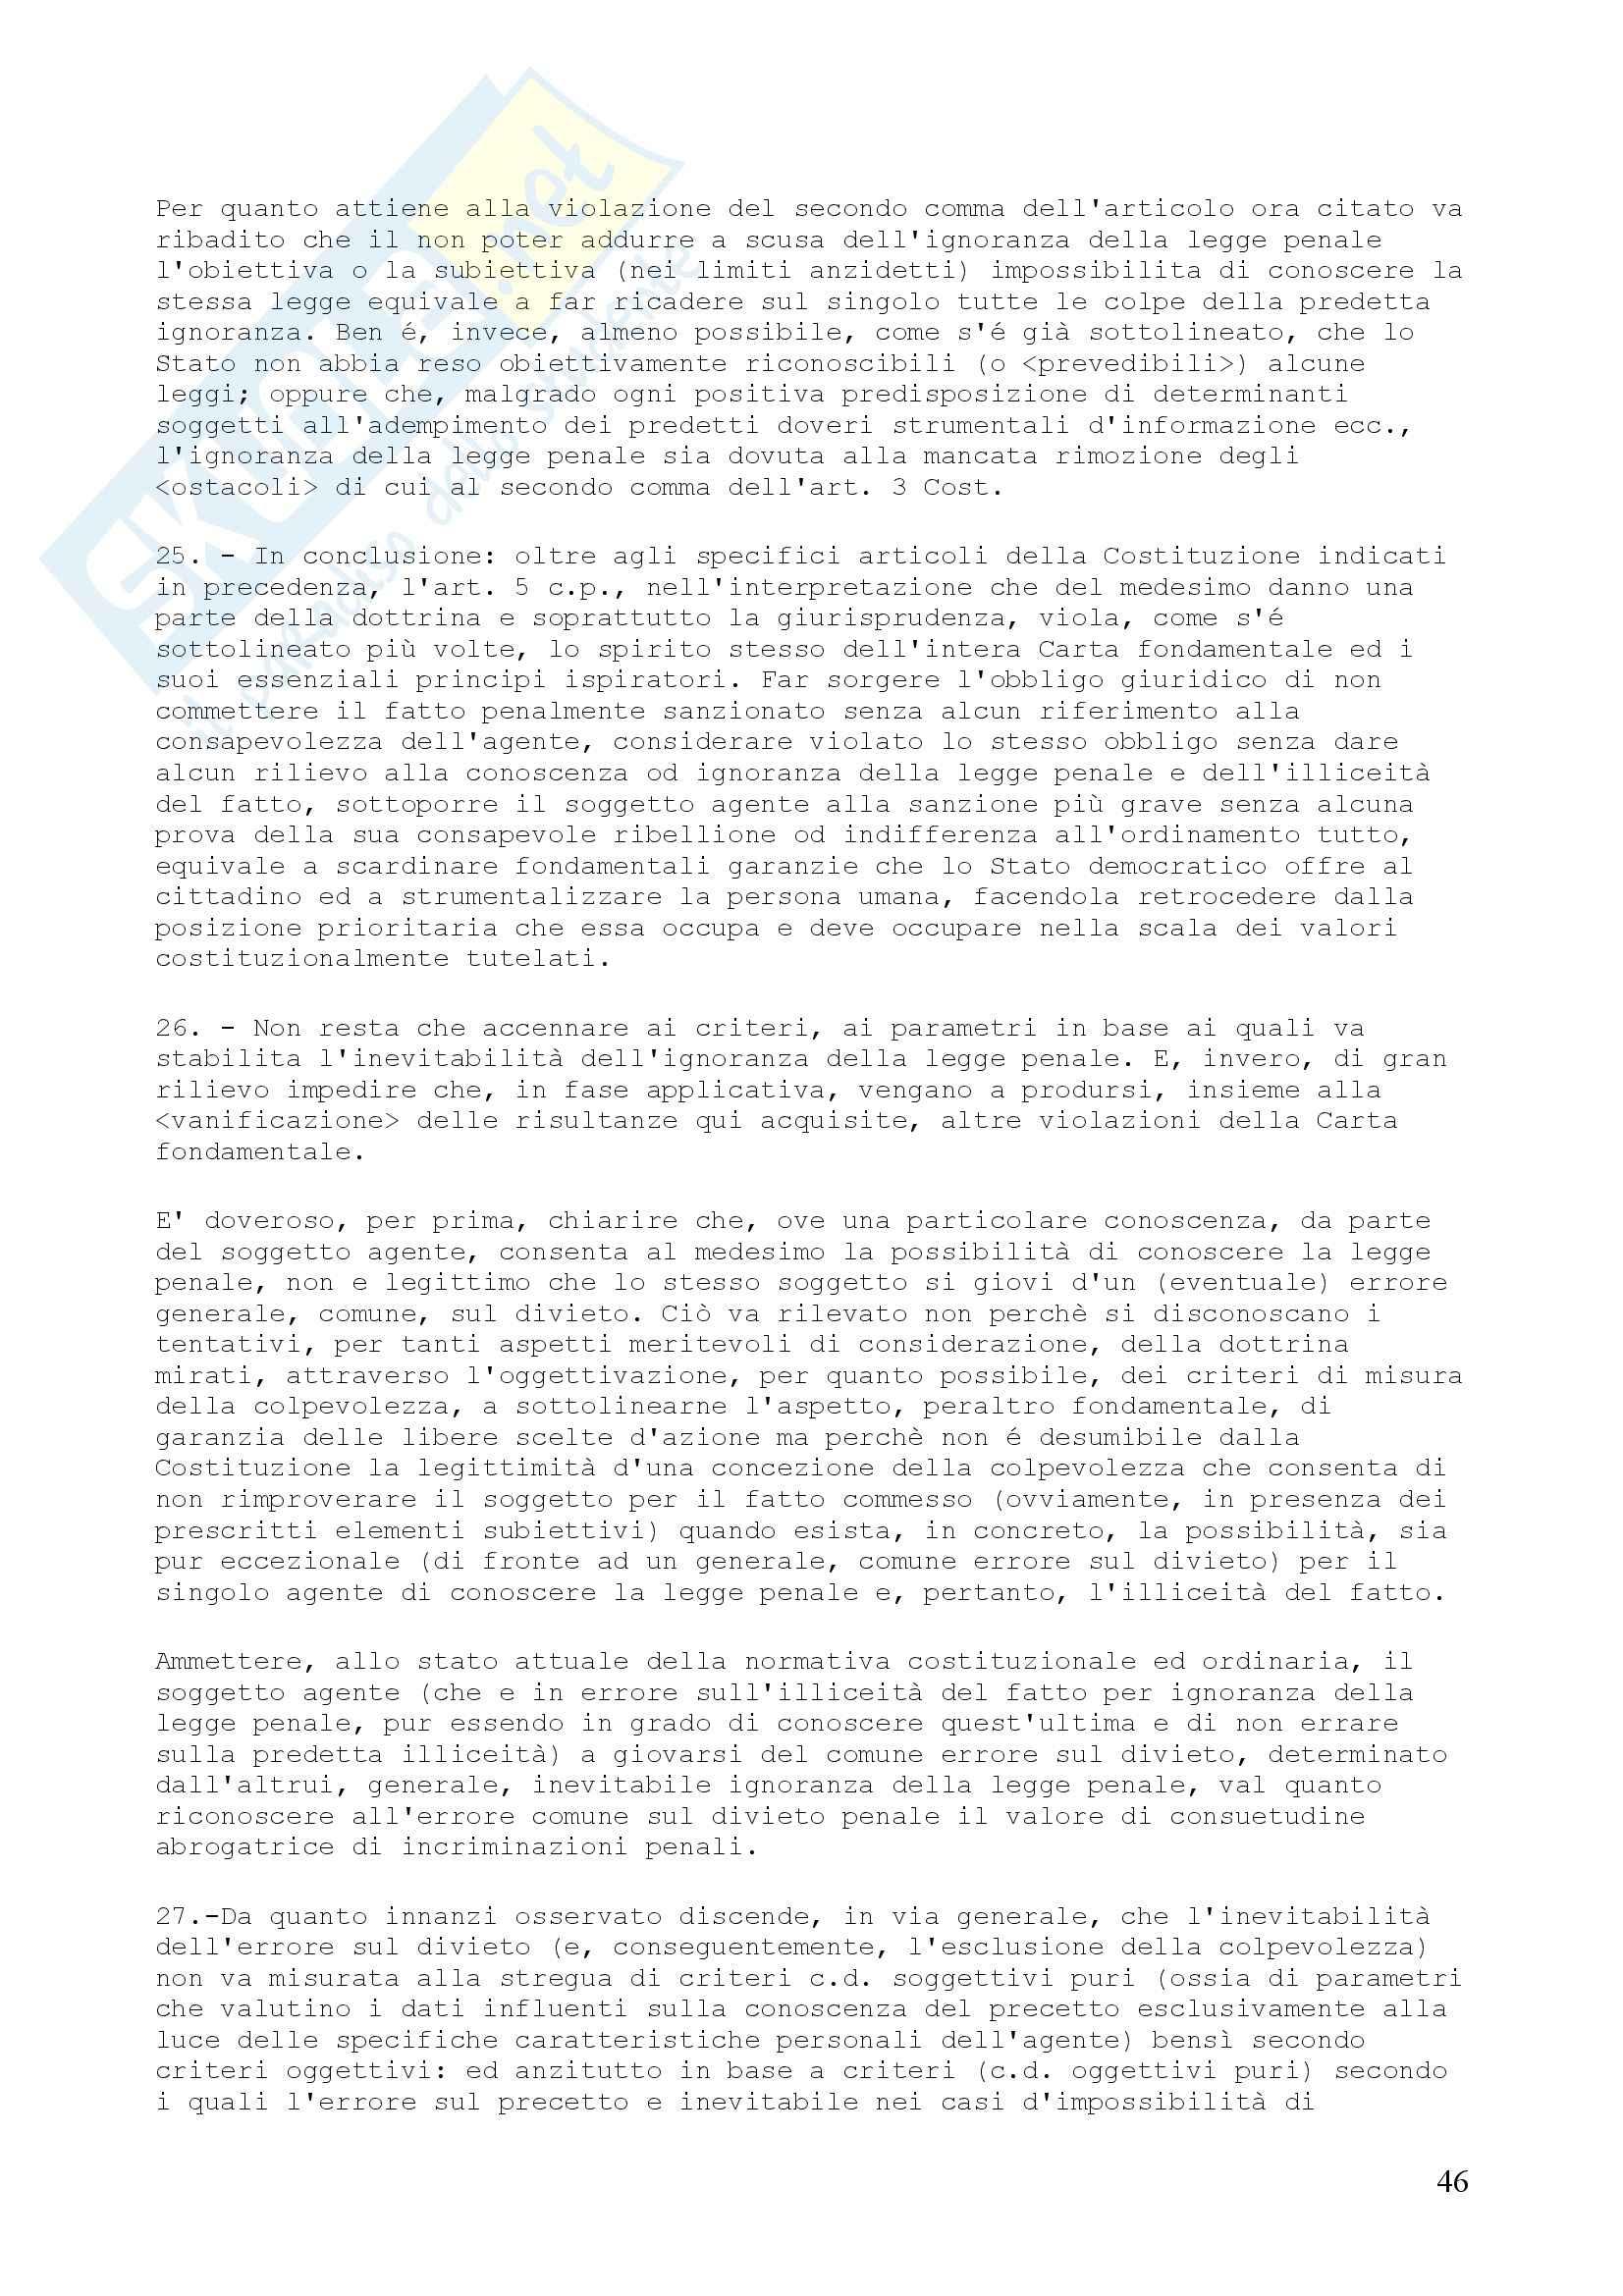 Diritto penale - Sentenza 364 della Corte Costituzionale Pag. 46